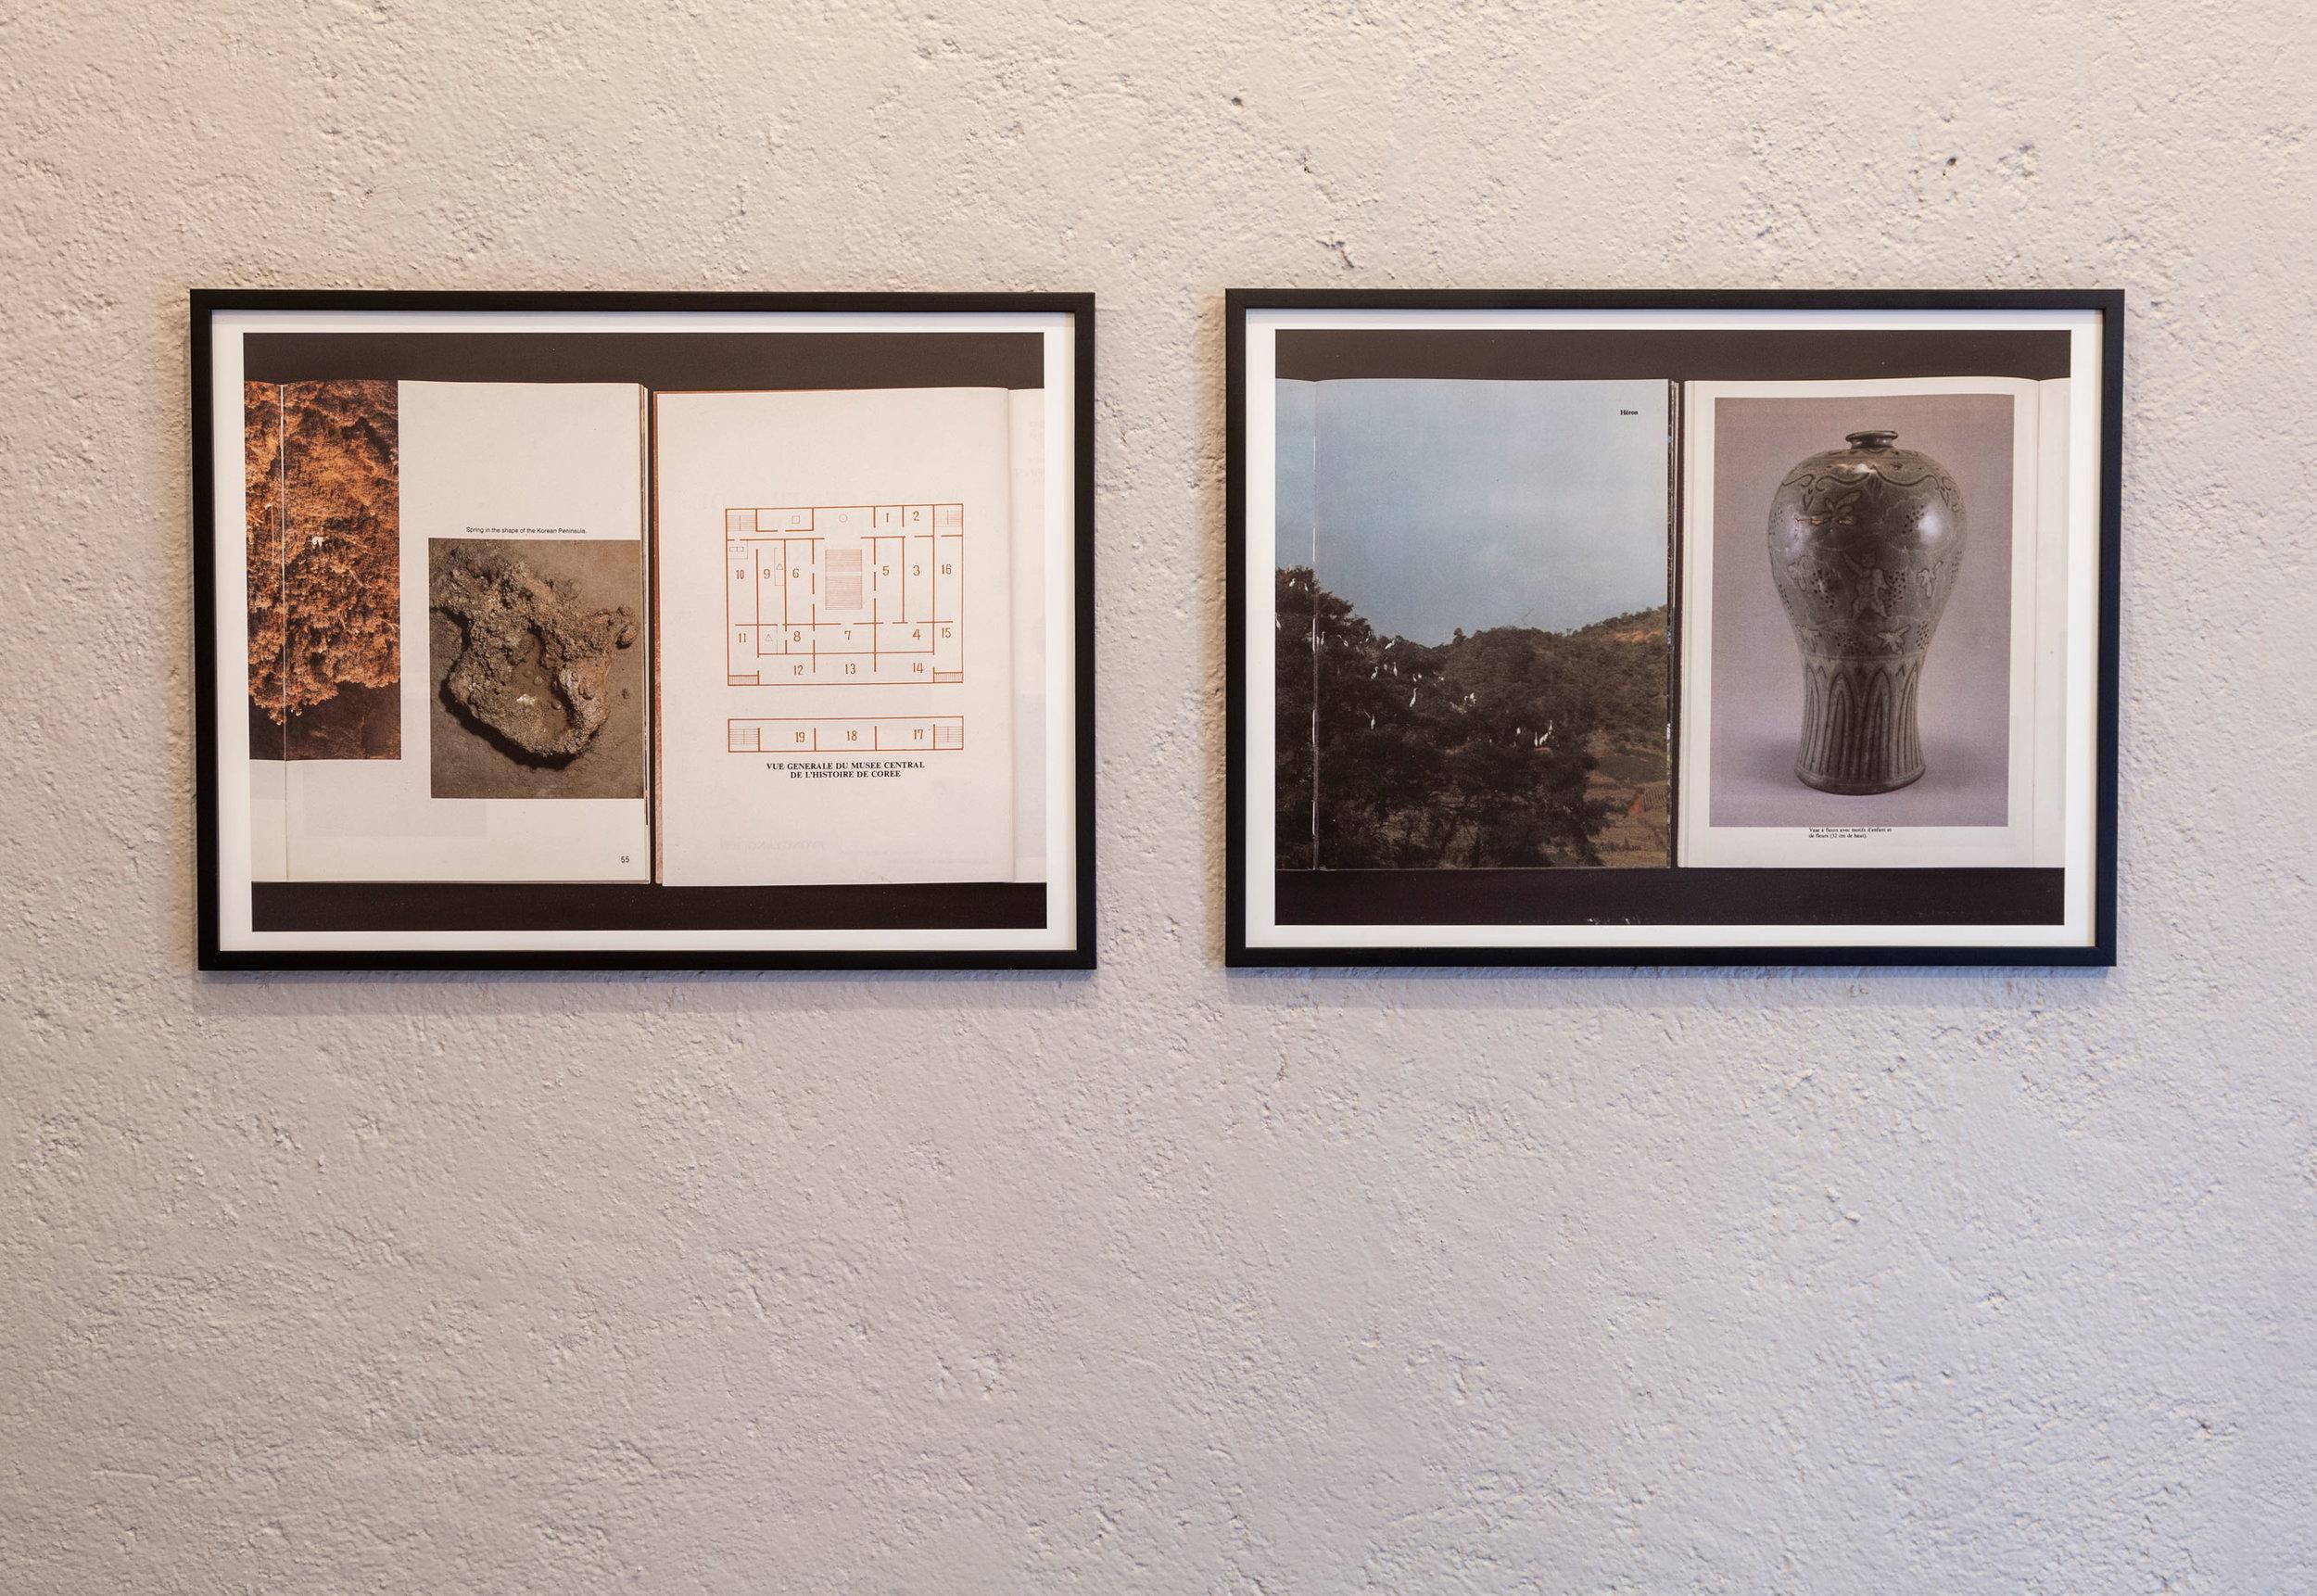 Marie Voignier (París, 1974),.  Les Affections (L'Histoire) , 2014,  Les Affections (Le Dessin),  2014, Baryta print, 48.8 x 65 cm each